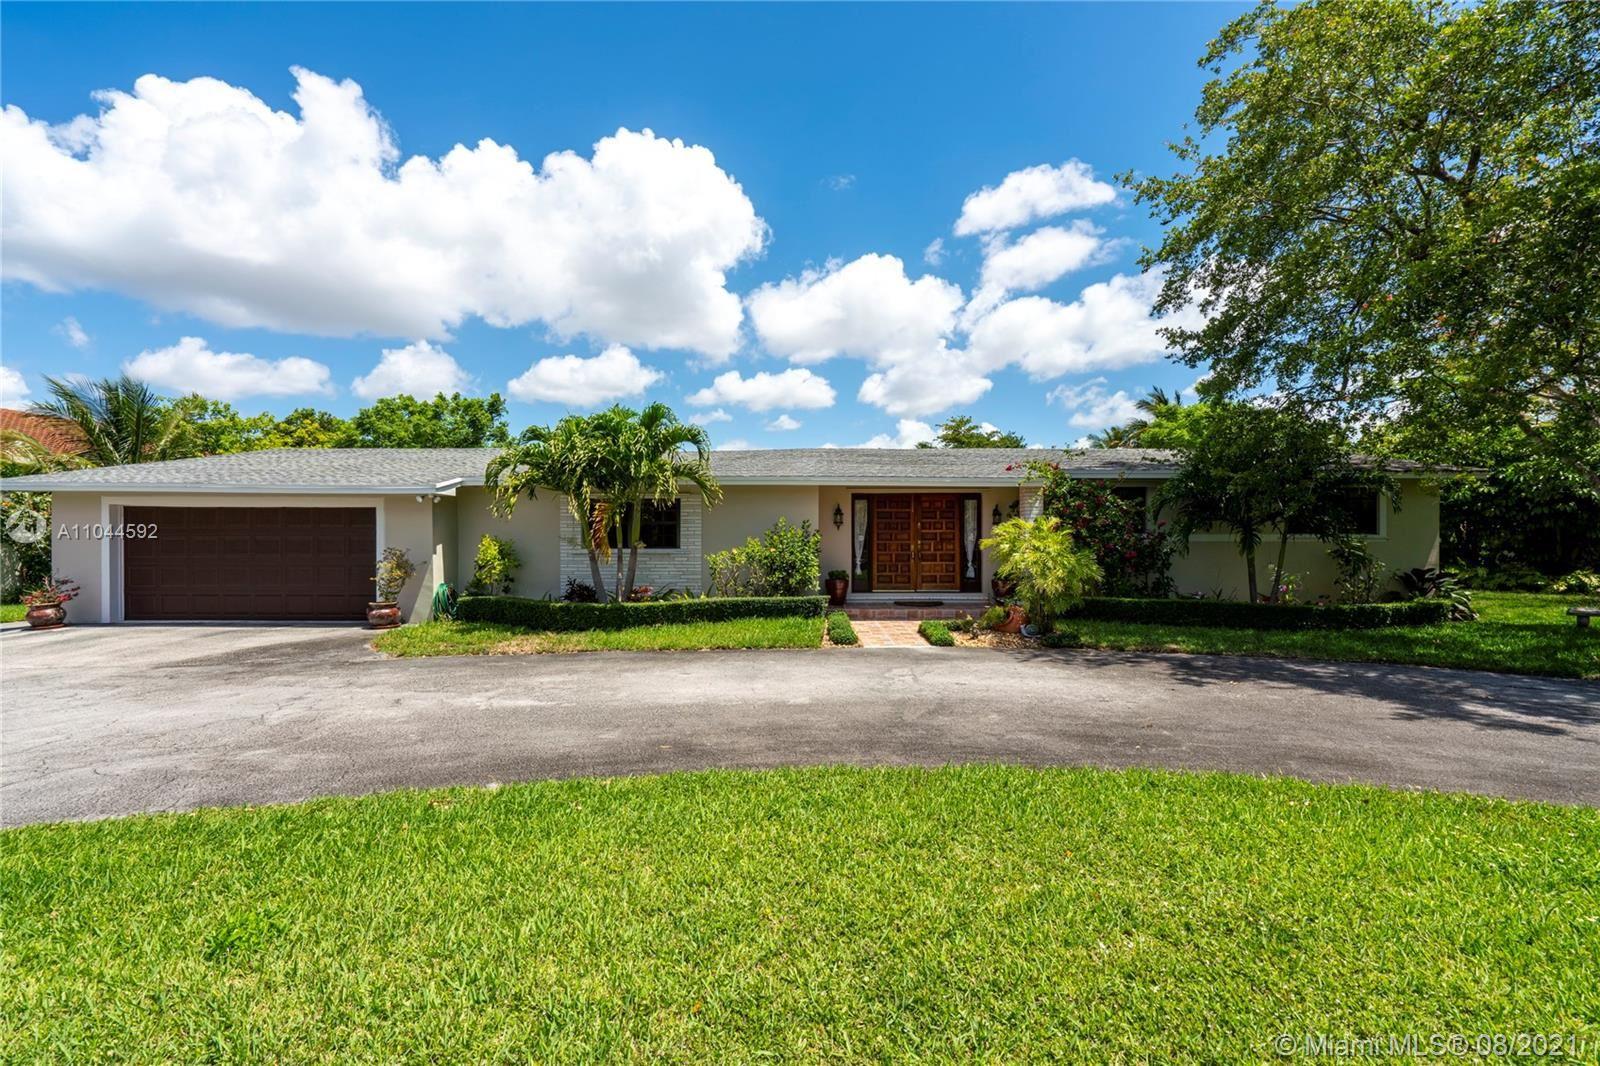 10331 SW 62nd St, Miami, FL 33173 - #: A11044592